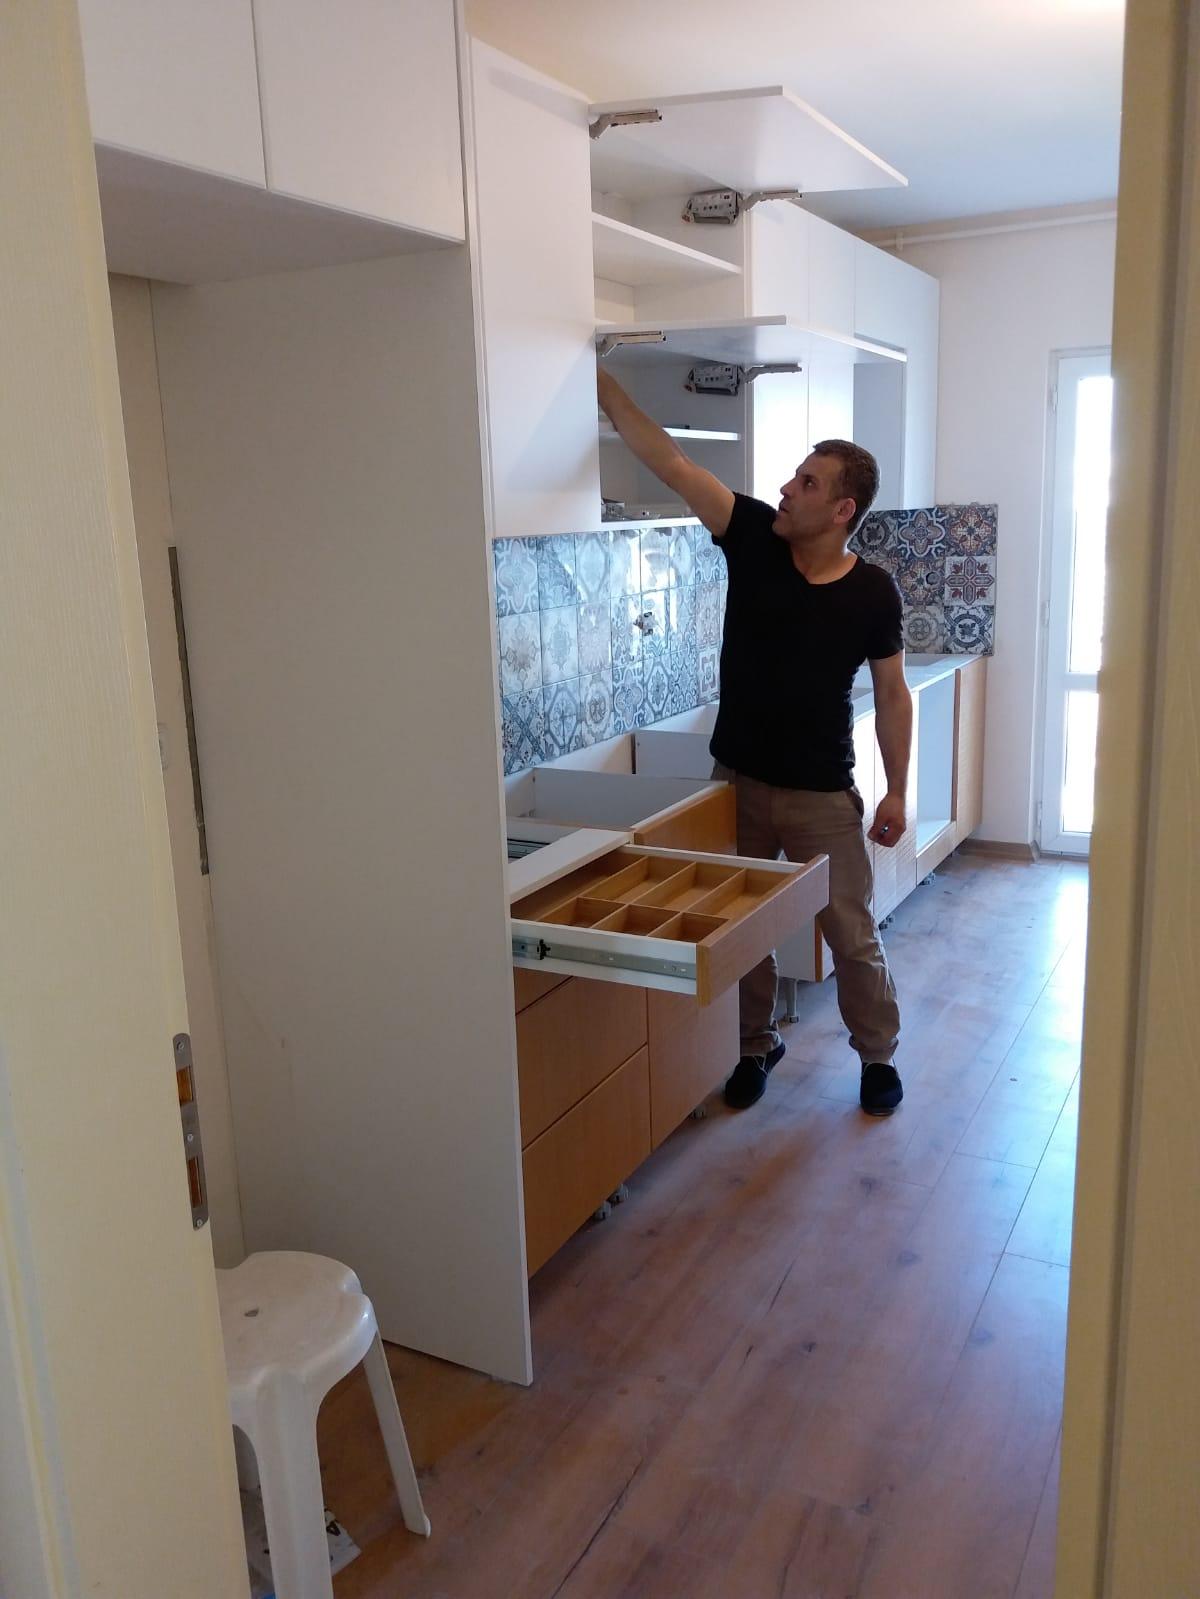 ümraniye mutfak dolabı modelleri, ümraniye mutfak dolabı fiyatı, ümraniye mutfak dolapçısı, ümraniye mobilyacı